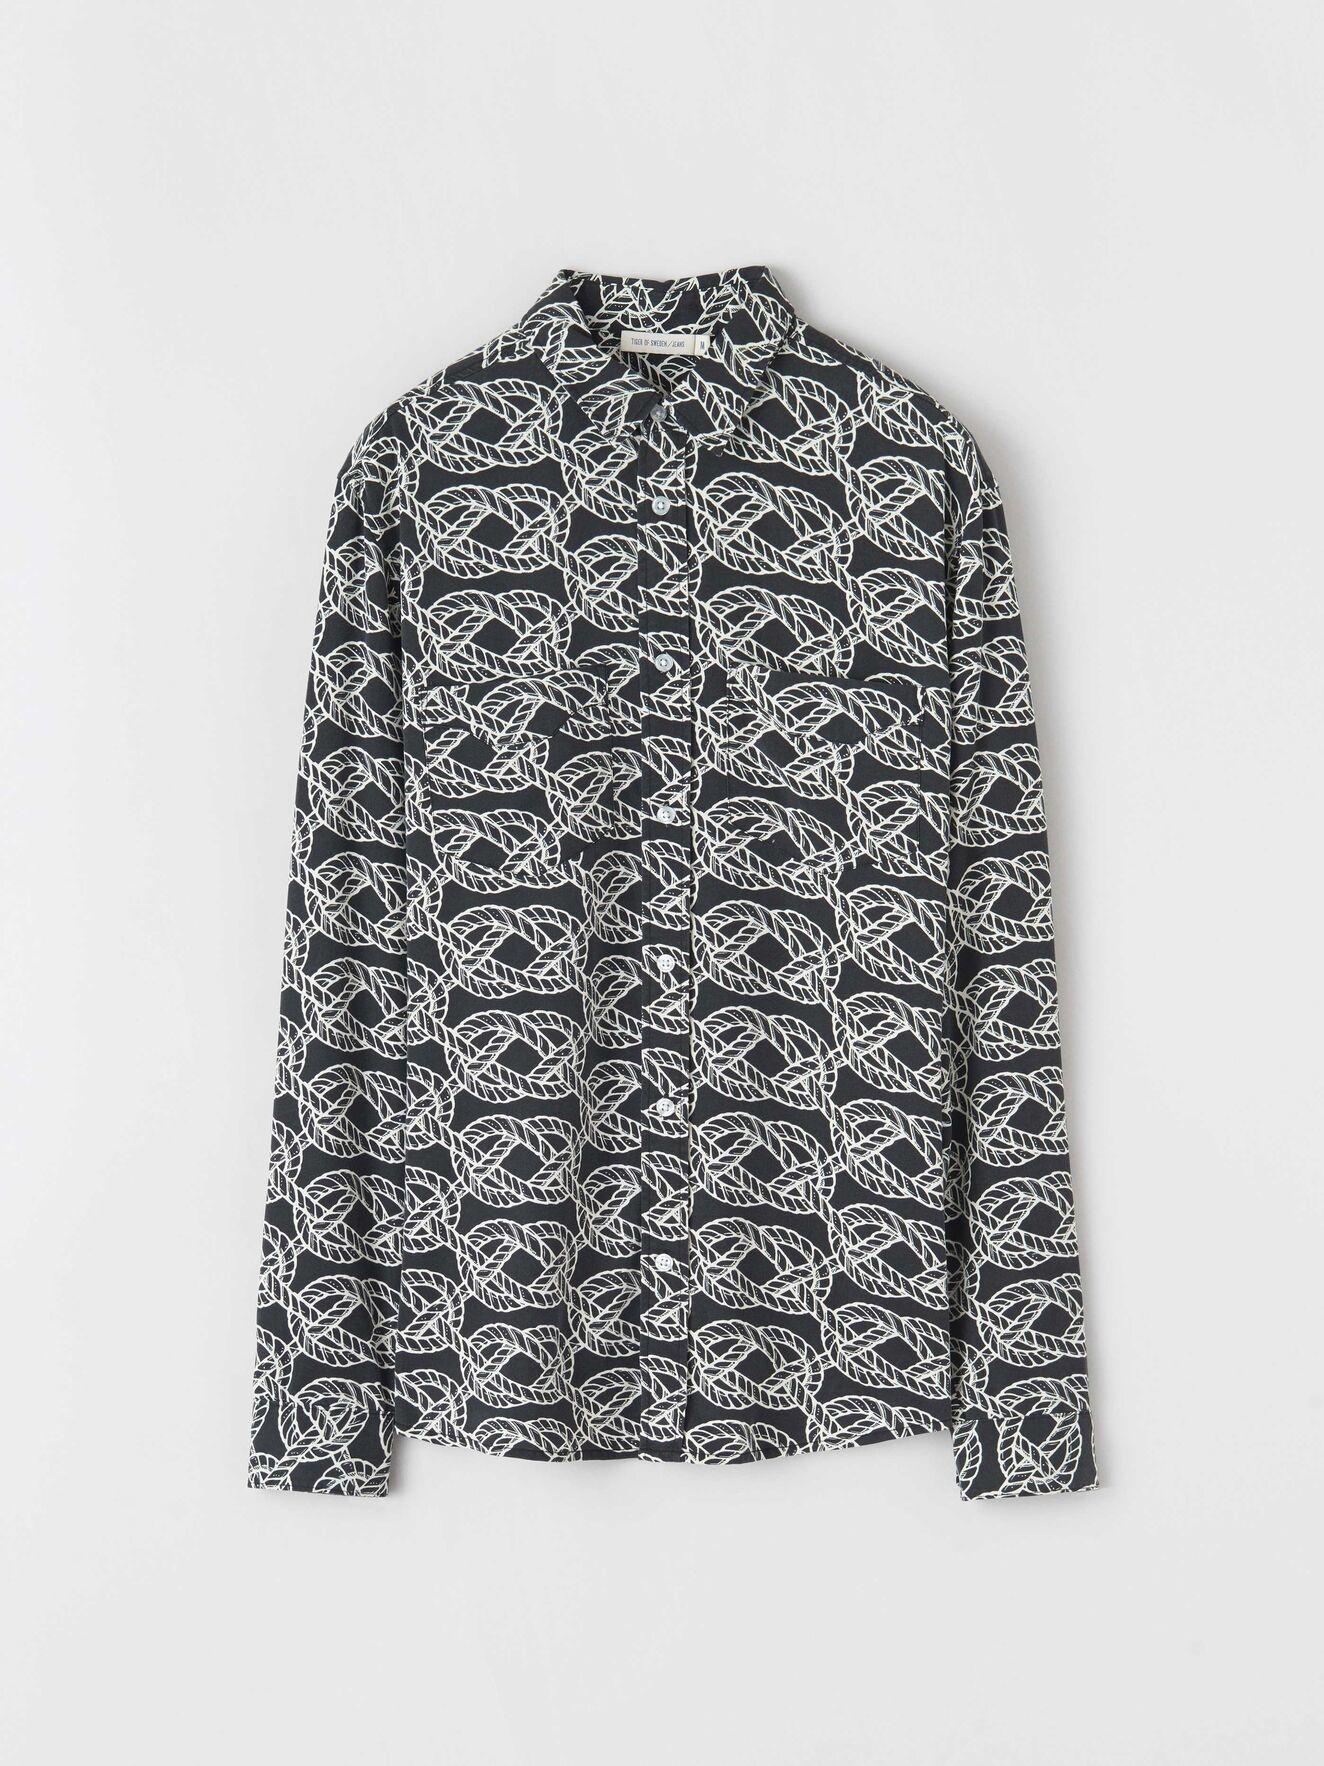 Sid R Cable Shirt Black-1